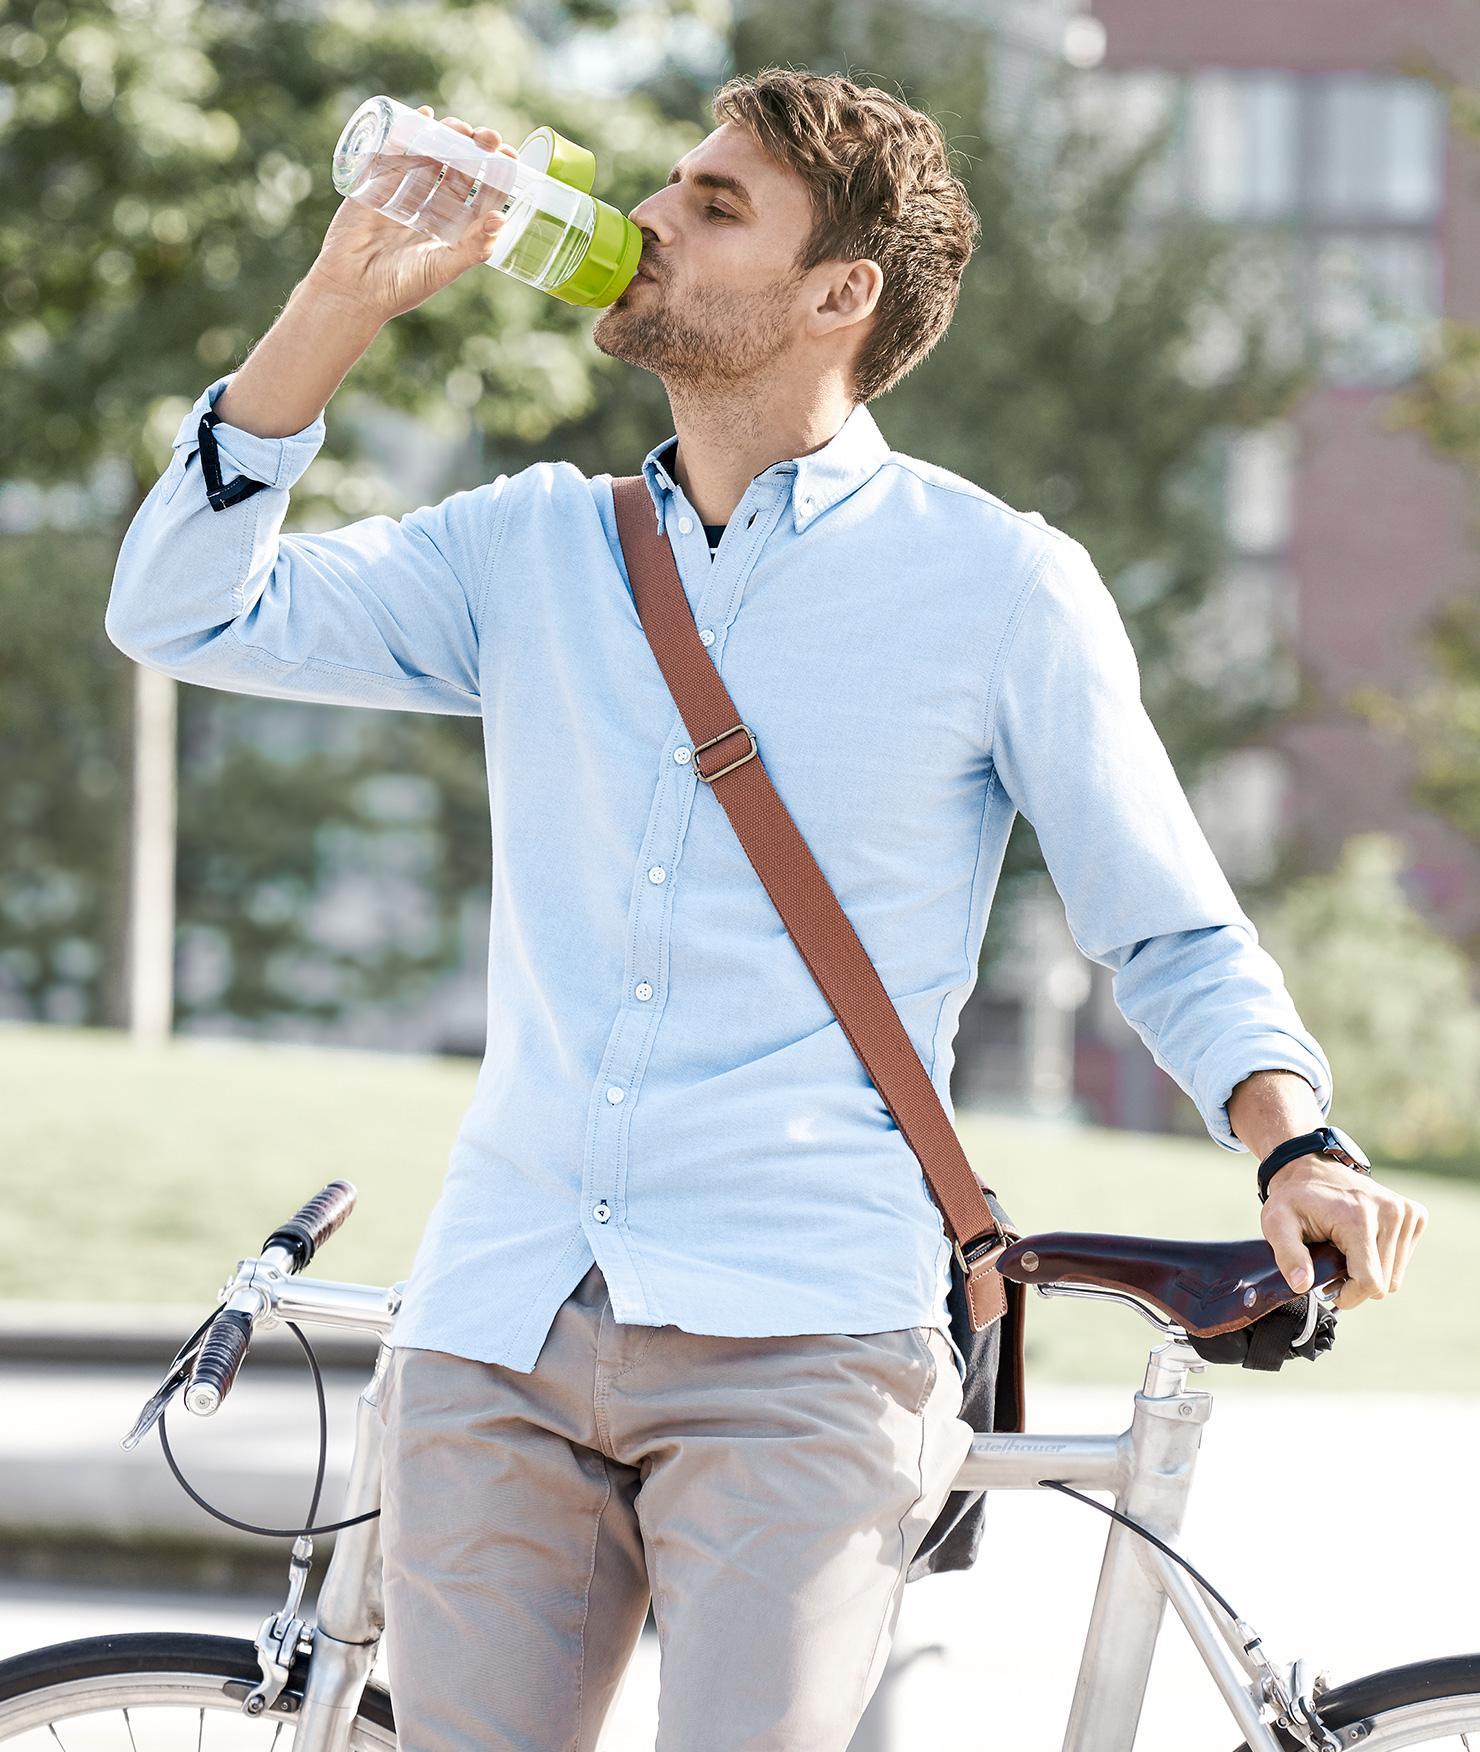 BRITA planète saine homme sur vélo buvant de l'eau